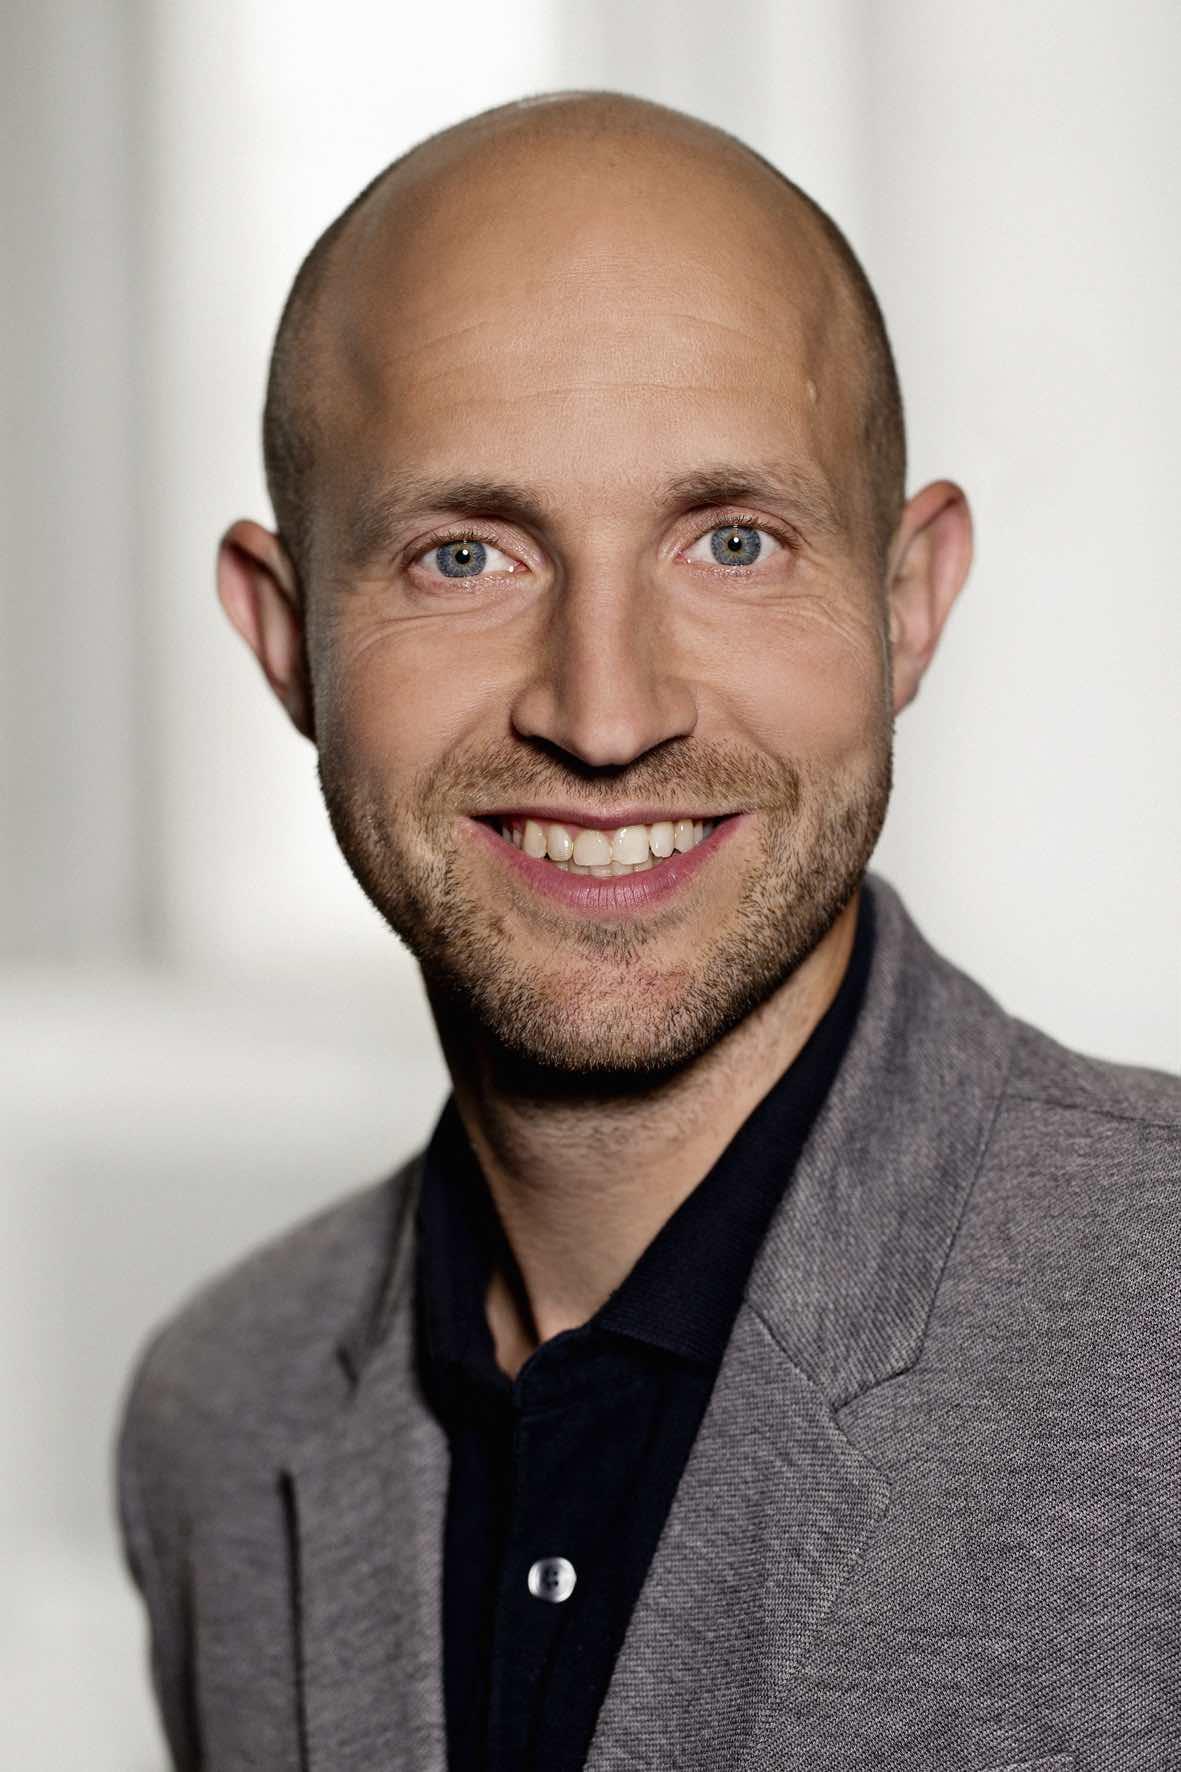 Casper Andersen